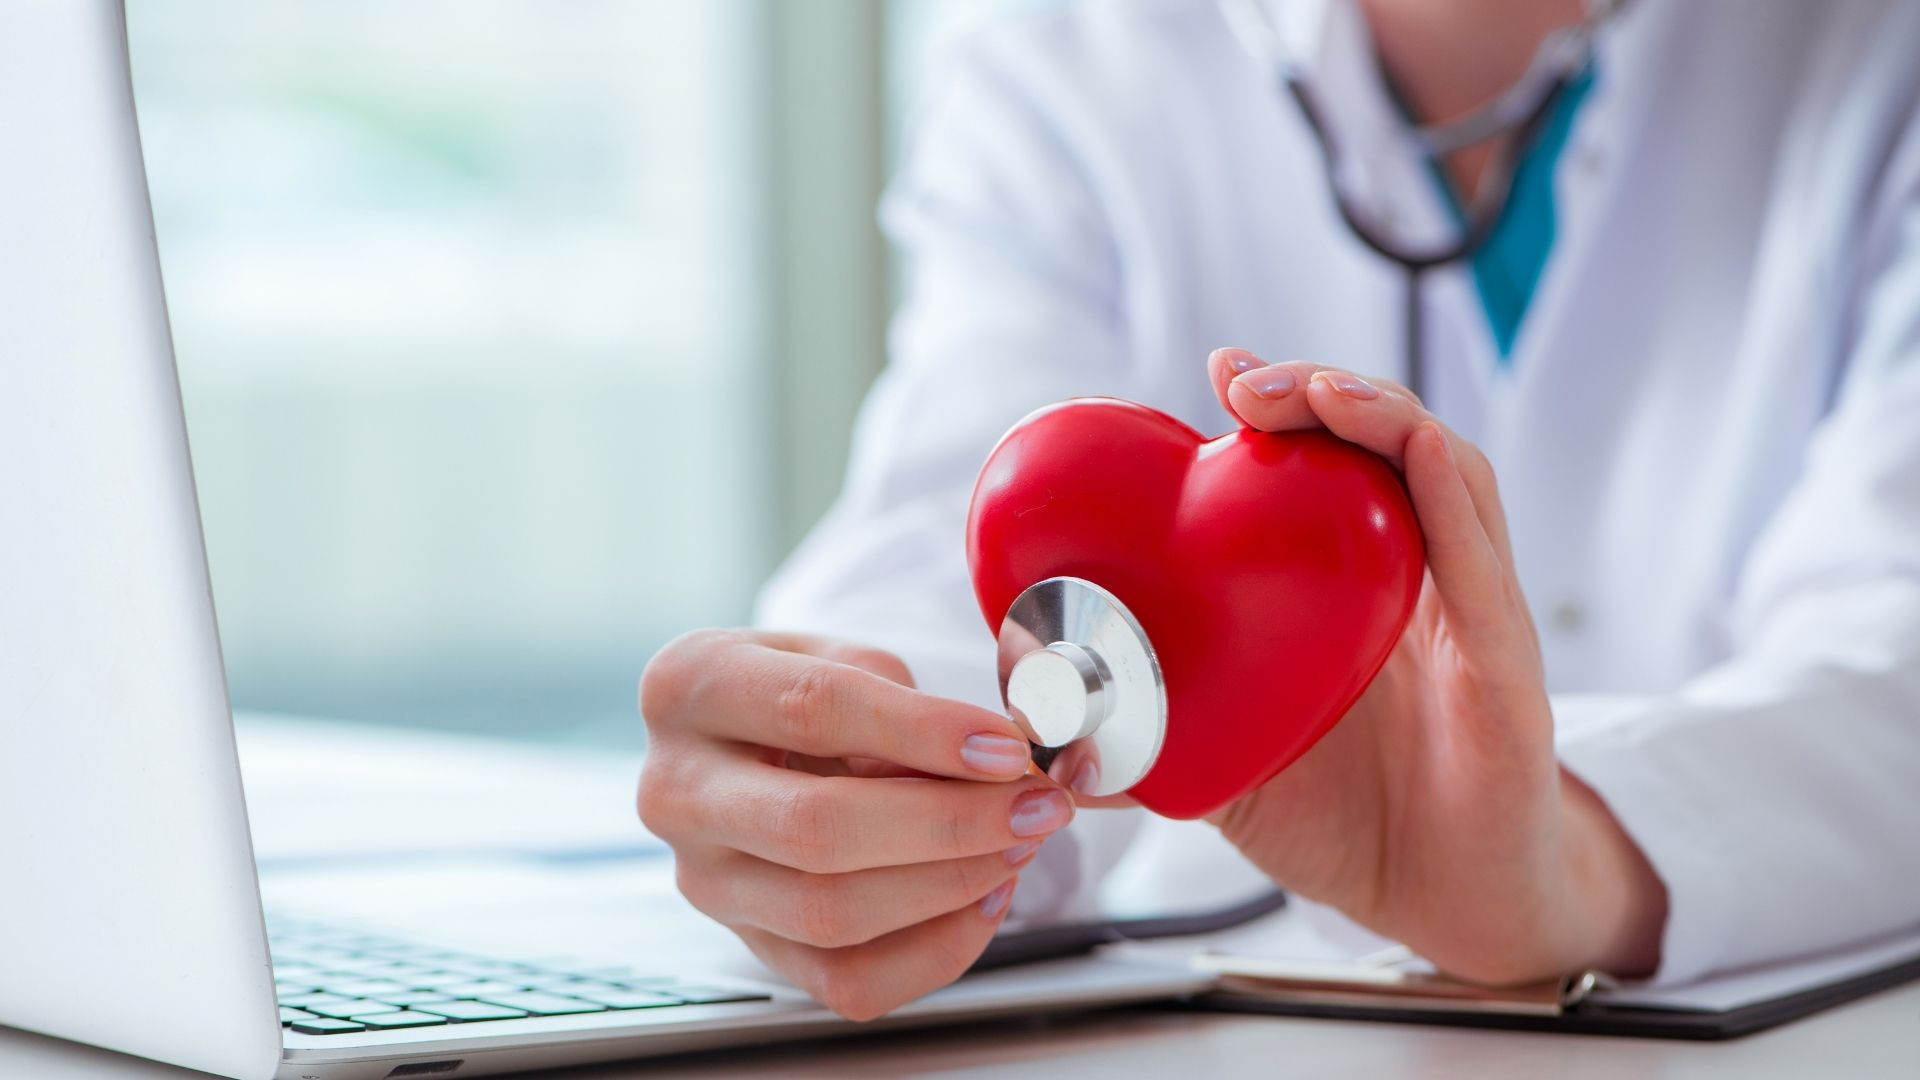 Ilustrasi seorang dokter yang sedang memperlihatkan jantung yang sehat/ foto edit by. canva